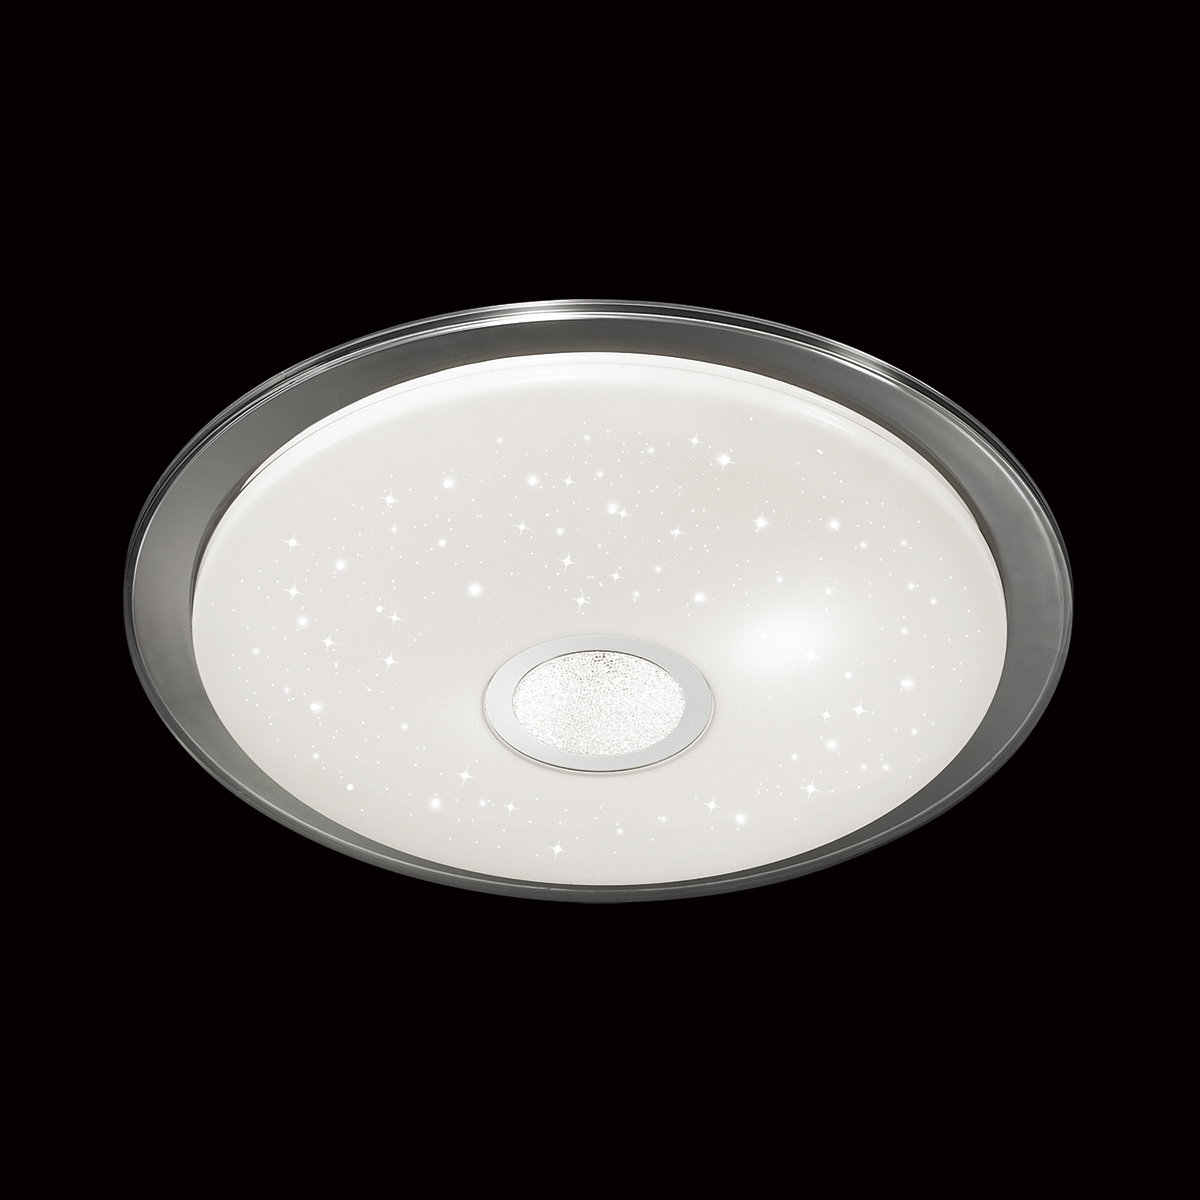 Потолочный светодиодный светильник с пультом ДУ Sonex Galeo 2054/EL, IP43, LED 72W 3000-6500K 3612lm, белый, хром, металл, пластик - фото 4